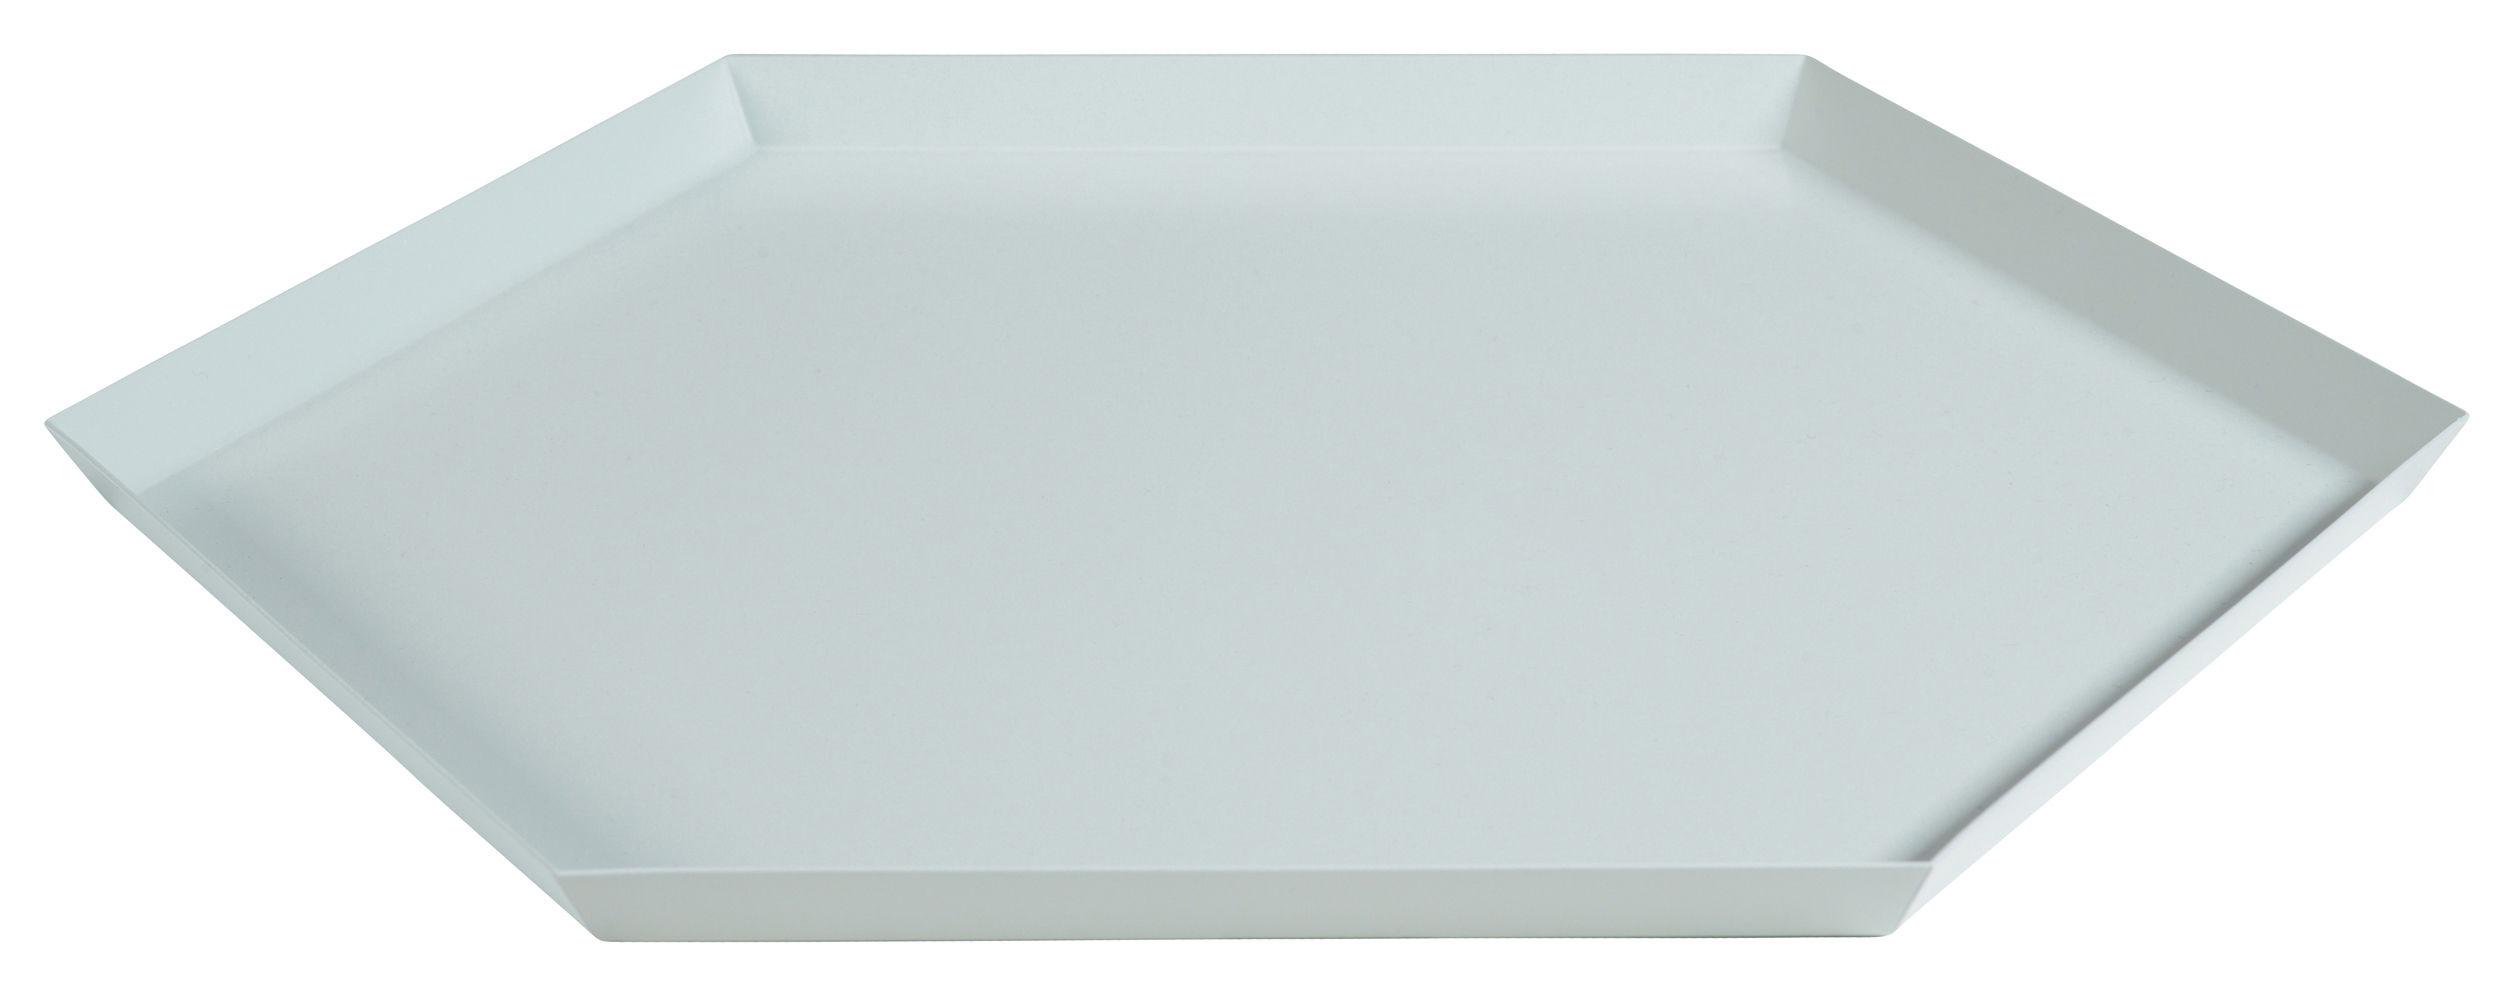 Arts de la table - Plateaux - Plateau Kaleido XL / 45 x 39 cm - Hay - Gris - Acier peint